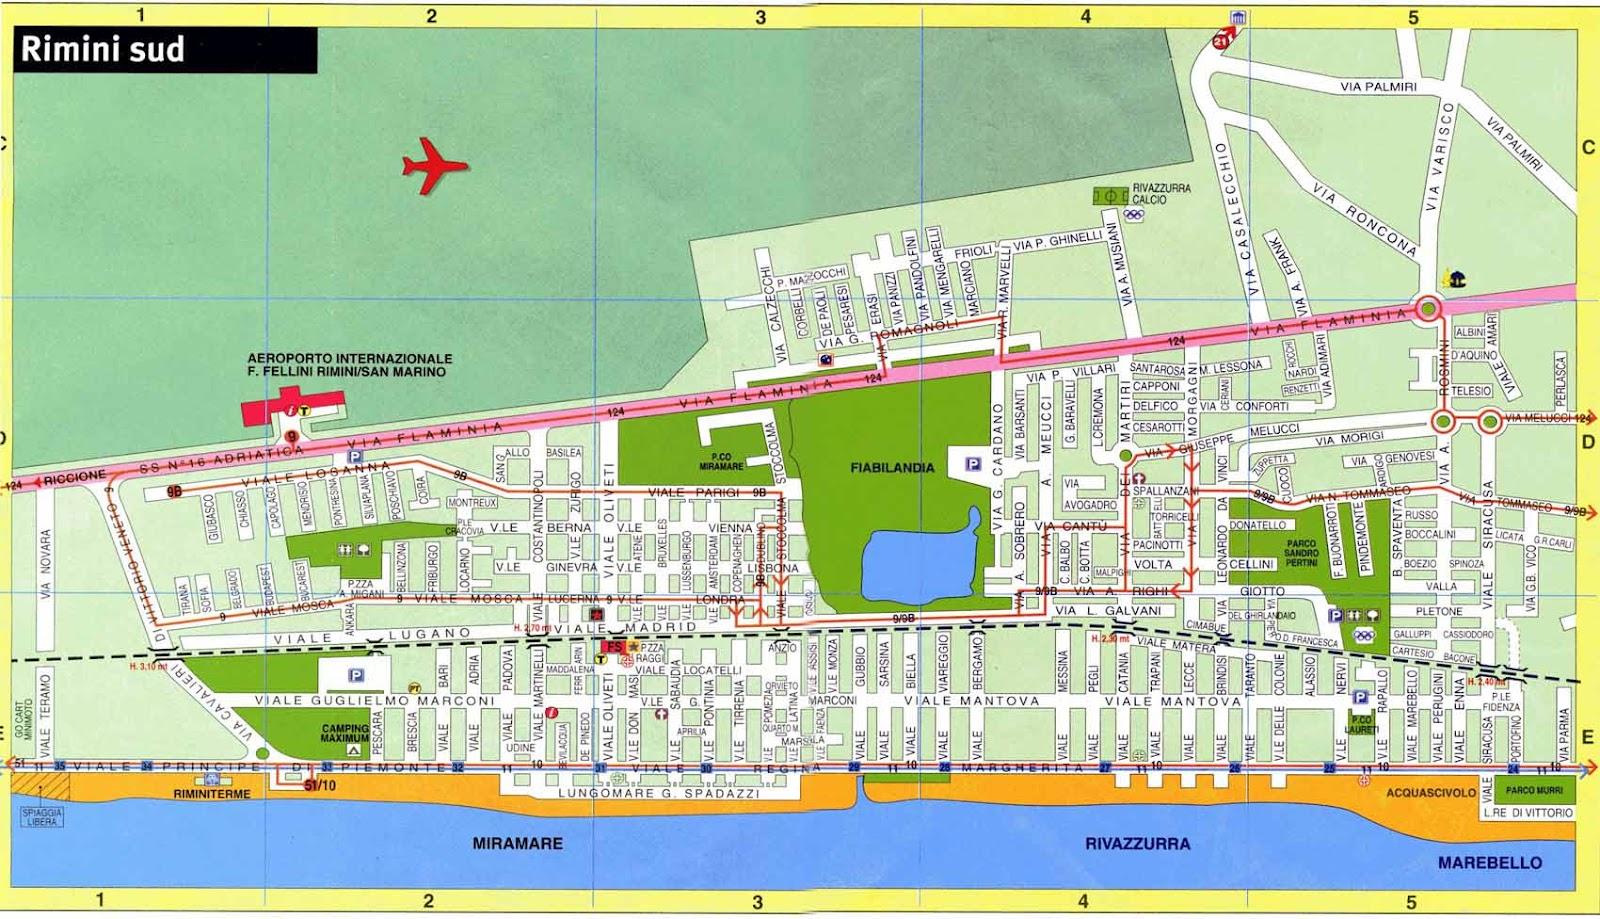 rimini térkép Rimini Direct Connection: Rimini térkép rimini térkép